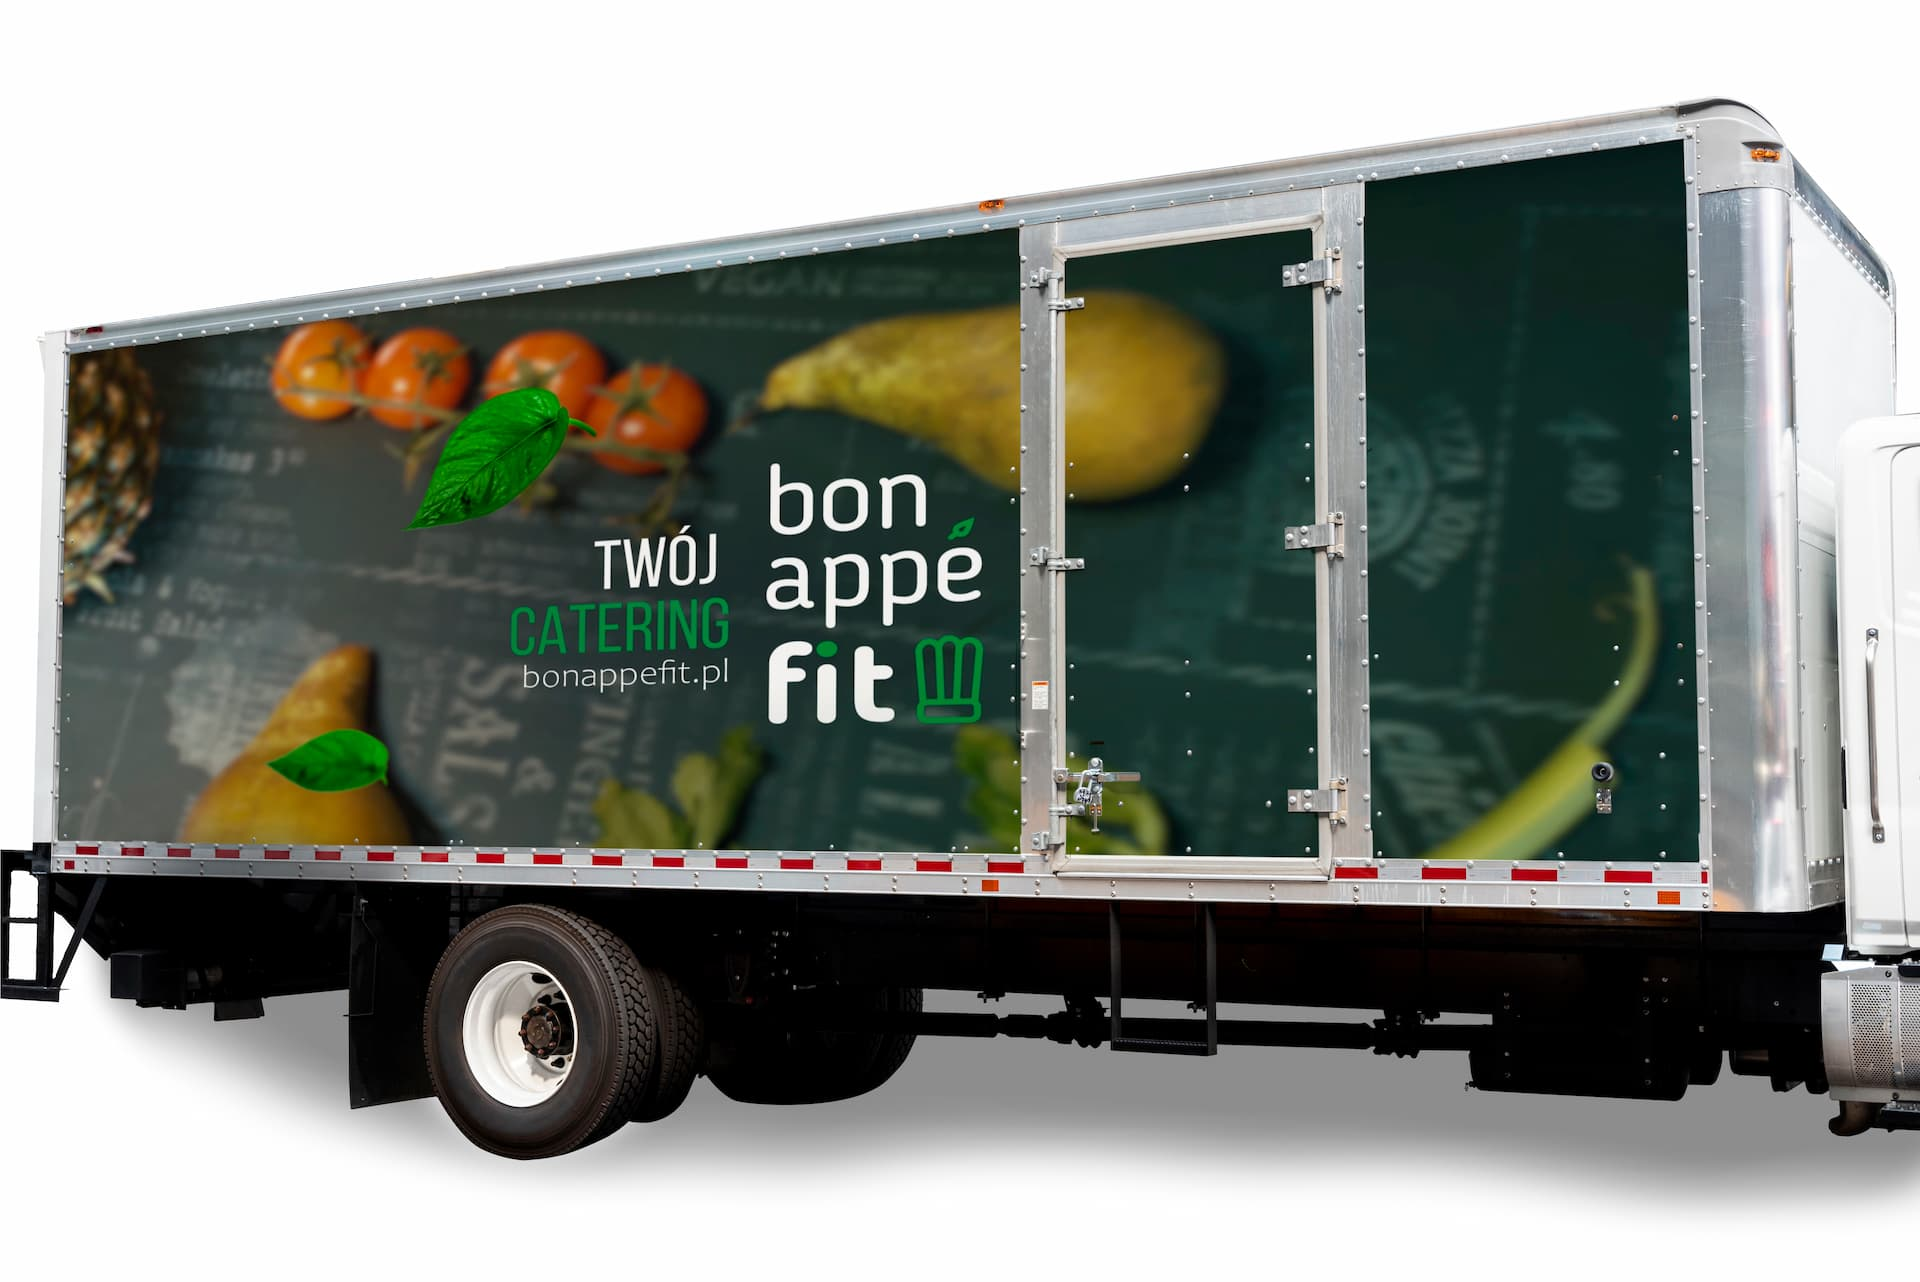 Samochód ciężarowy z logo bonappefit